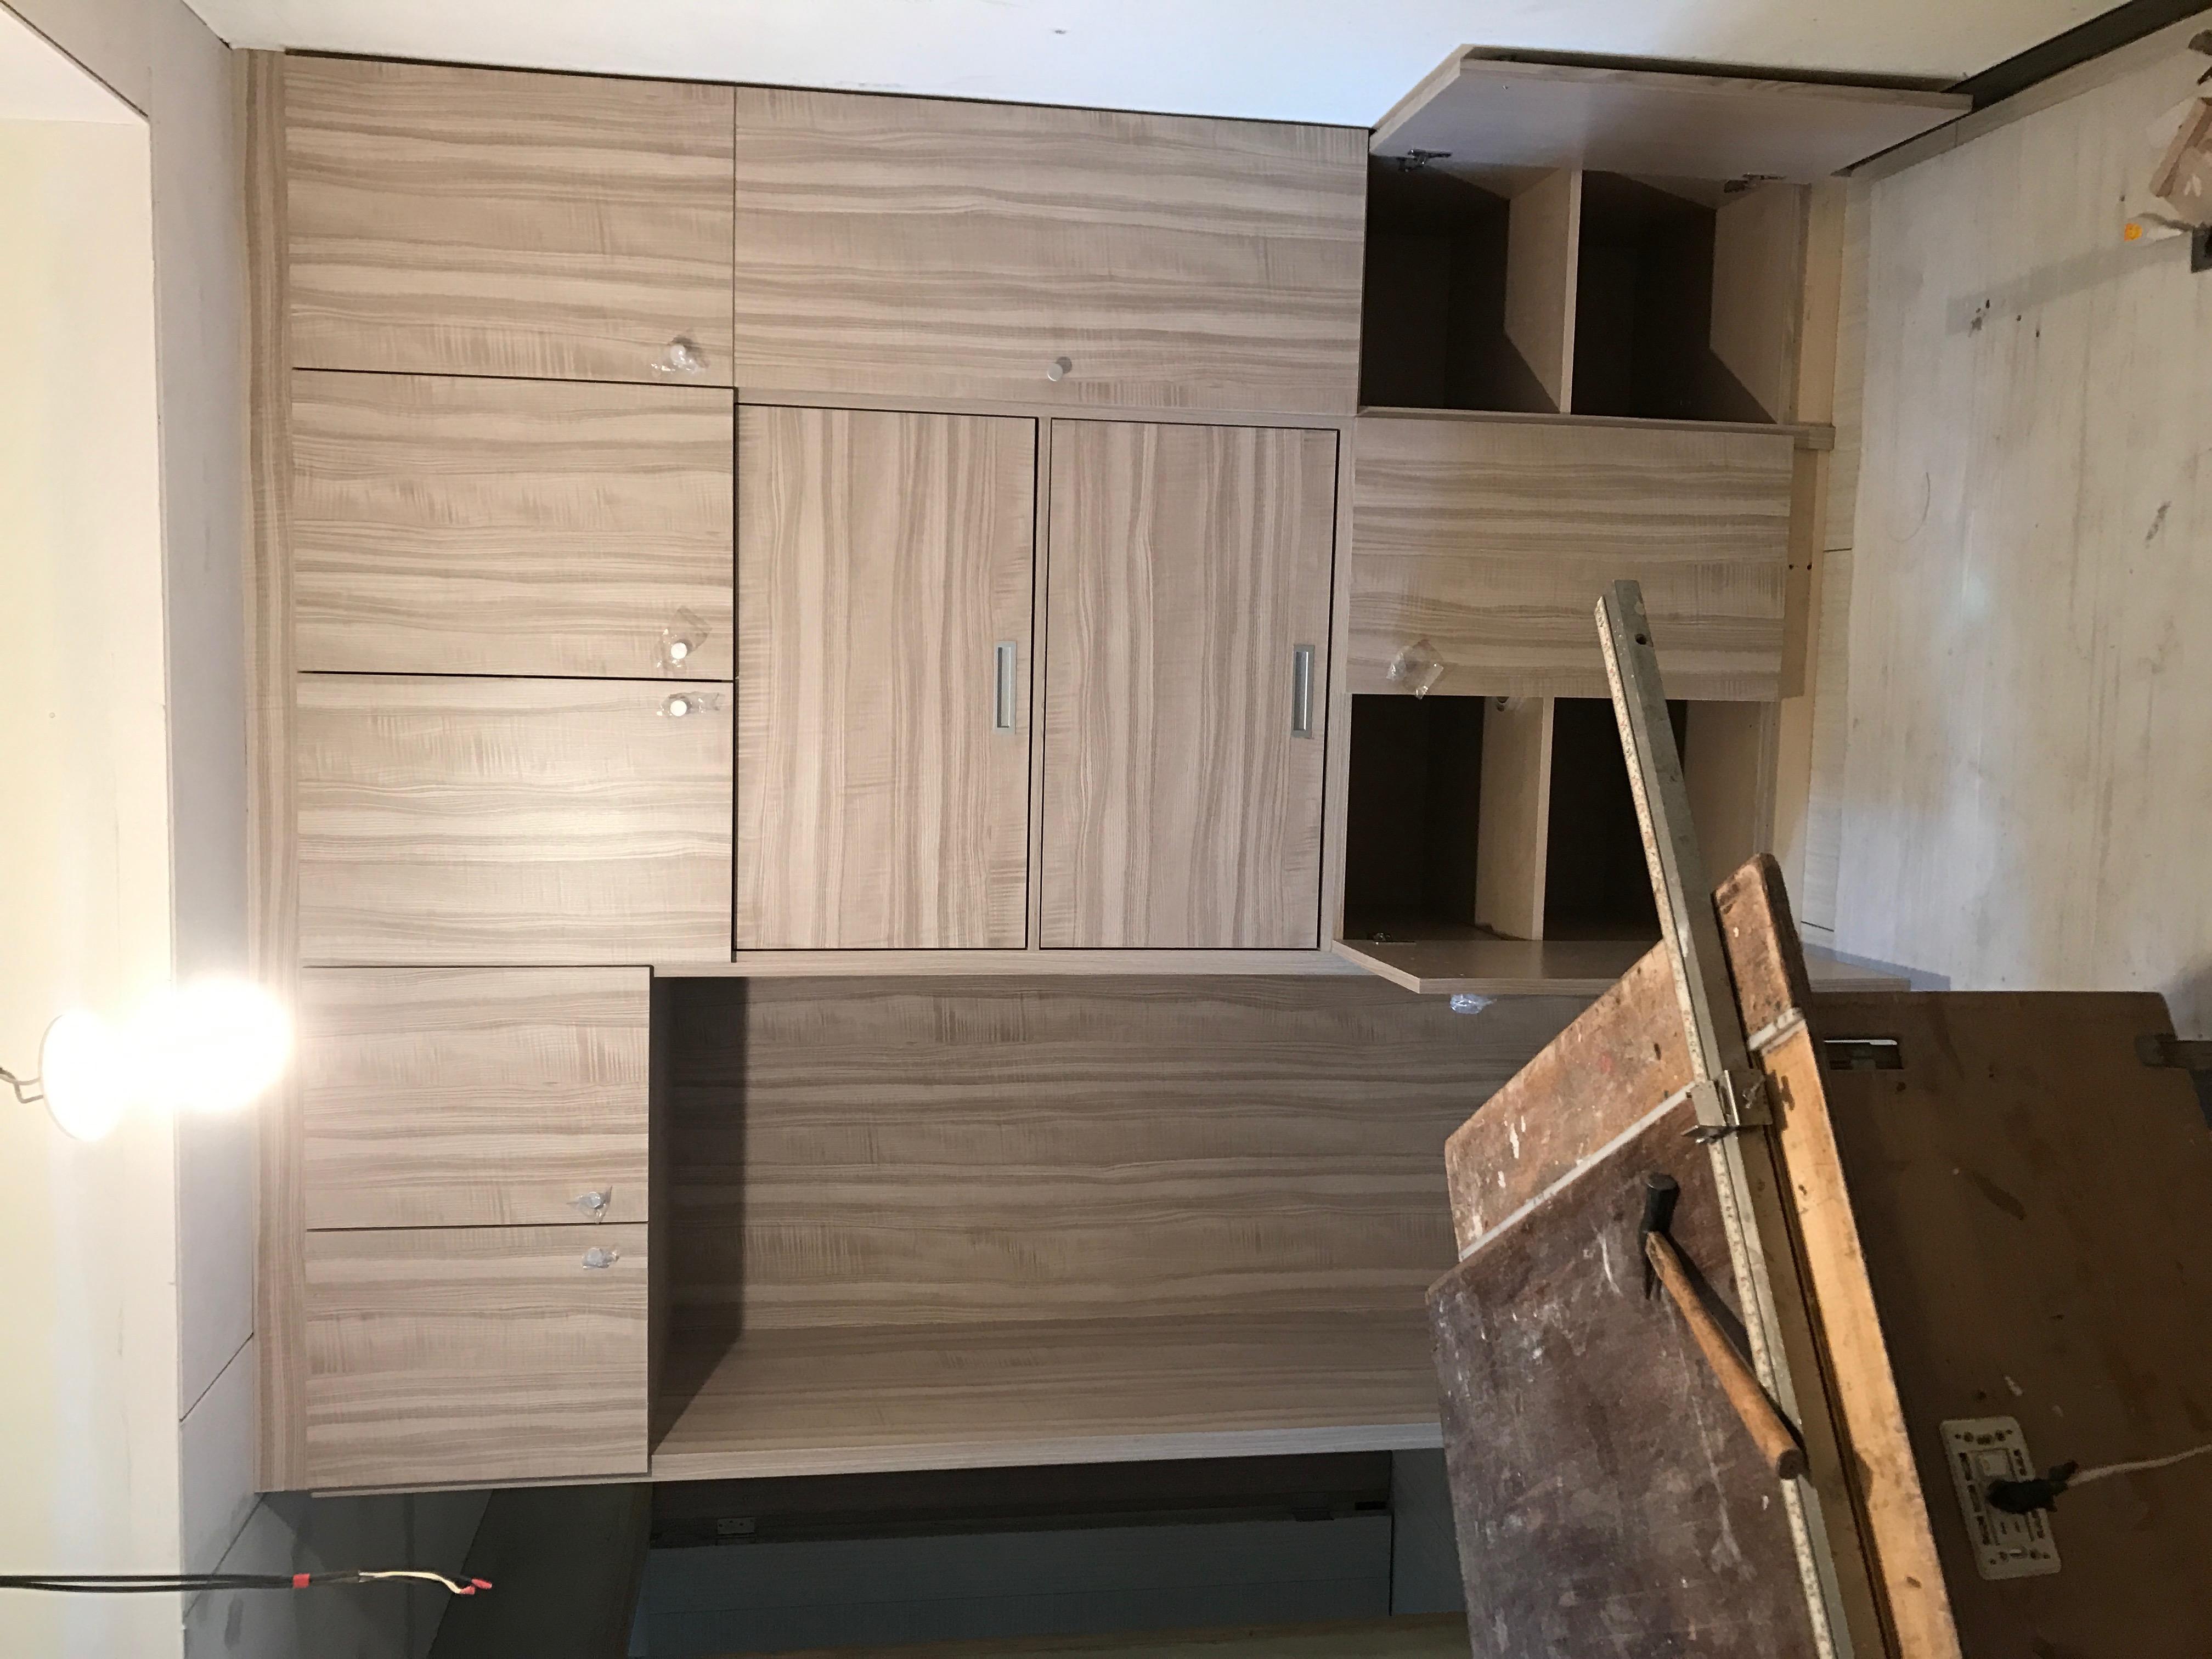 台北市住家室內裝潢衣櫃系統櫃木工 (7)